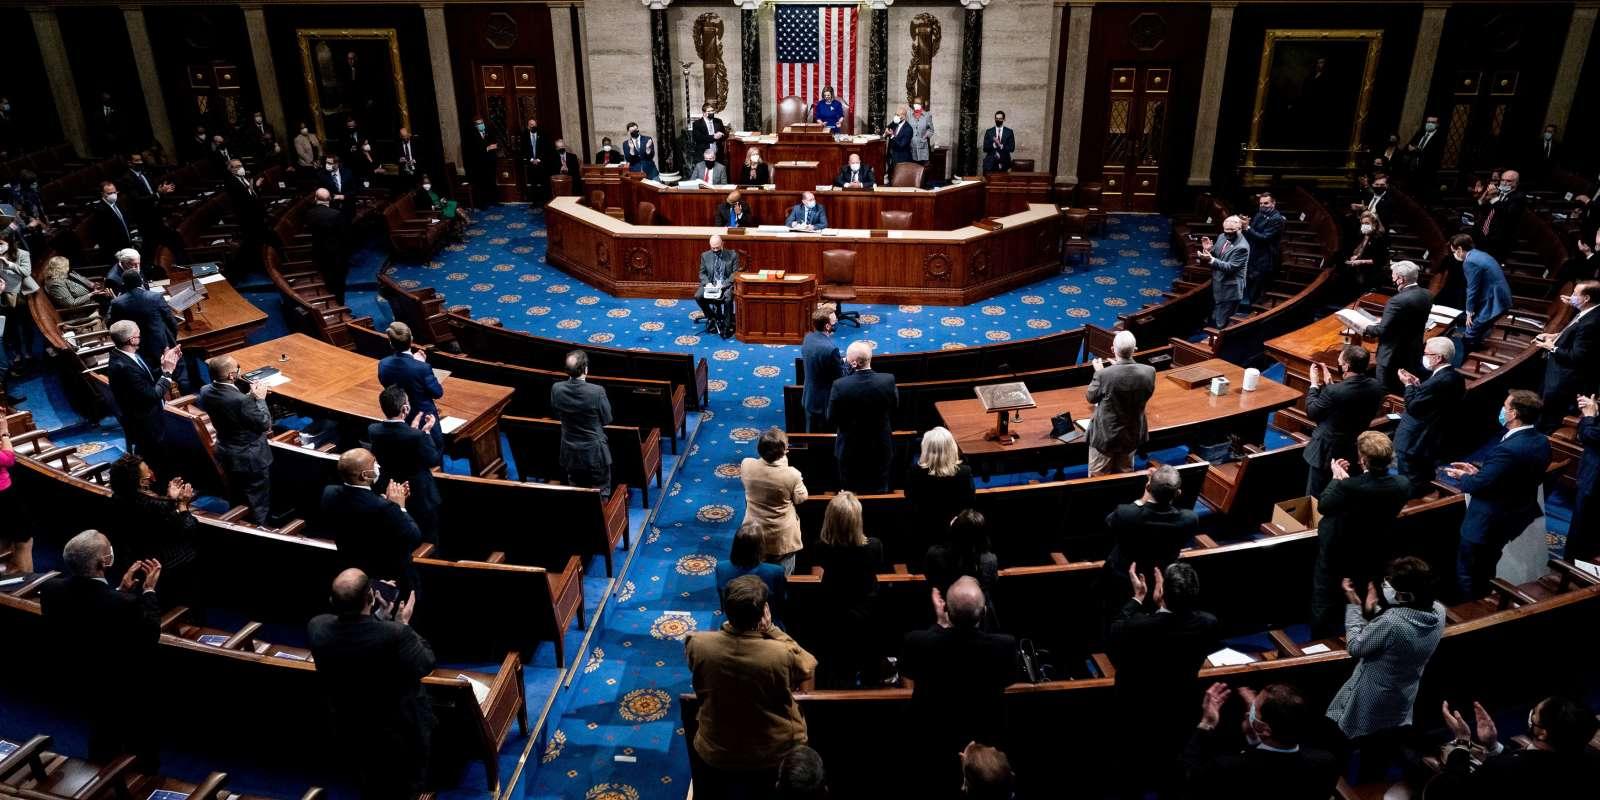 Etats-Unis : le Congrès reprend sa séance de certification de la victoire  de Joe Biden